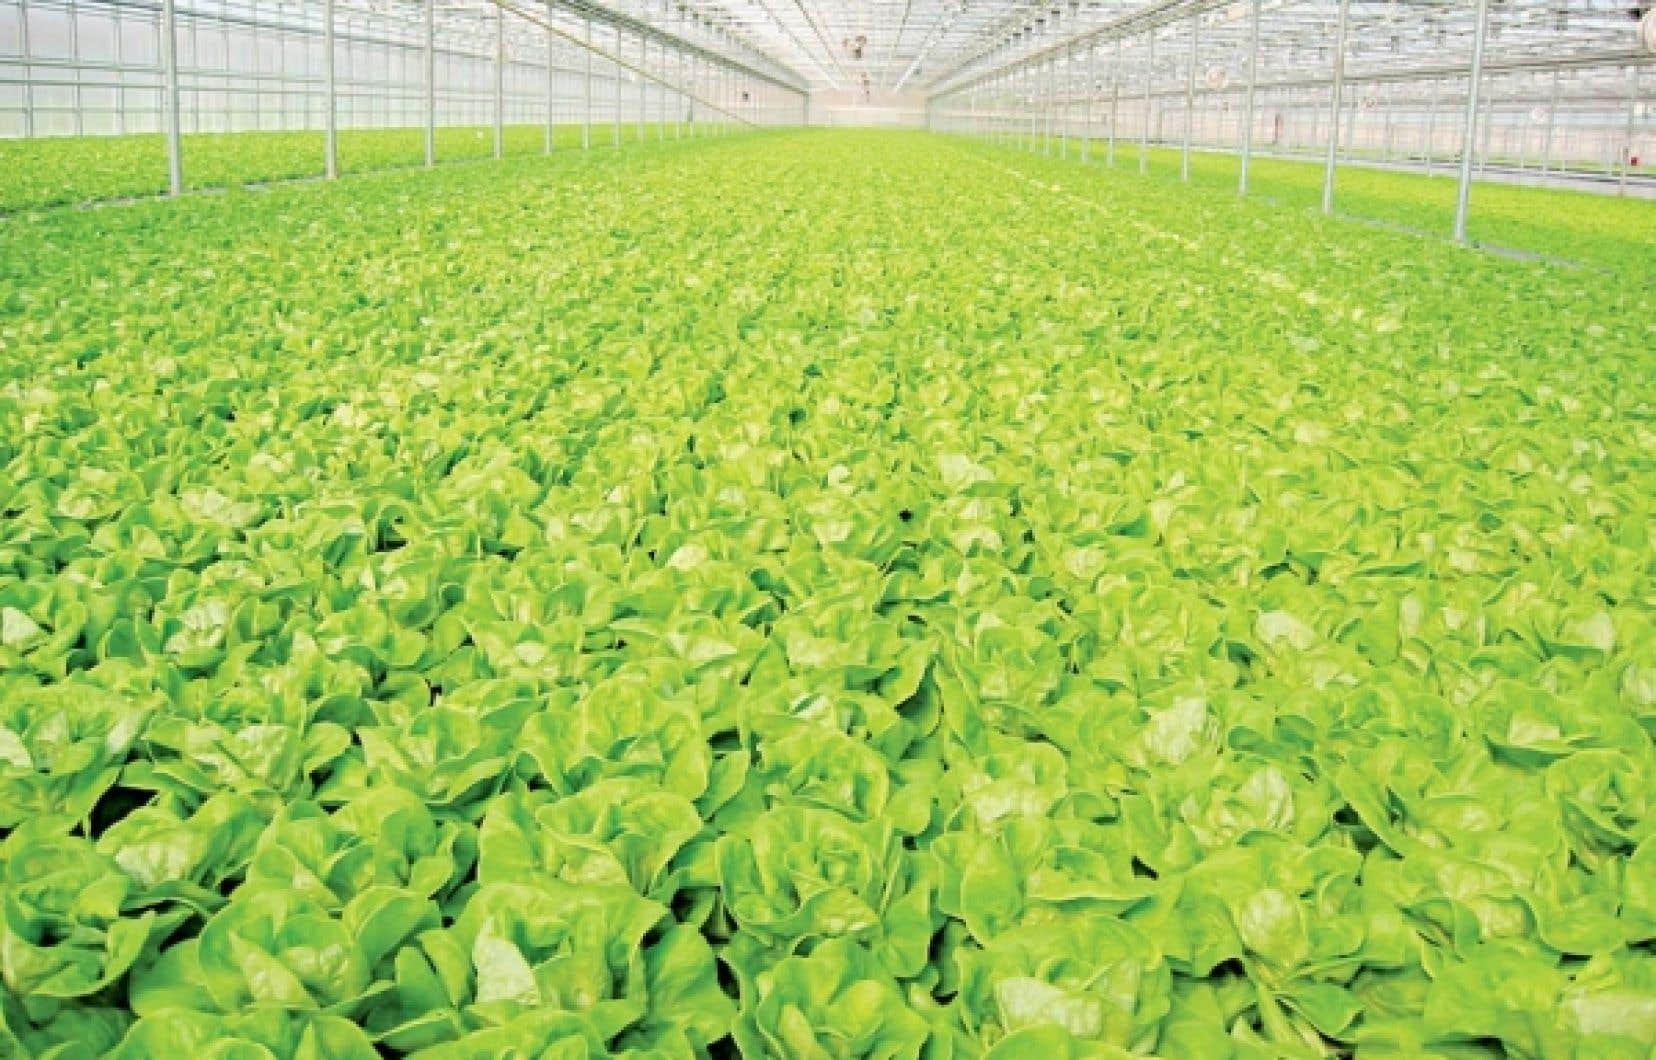 agriculture les producteurs en serre veulent de meilleurs tarifs d lectricit le devoir. Black Bedroom Furniture Sets. Home Design Ideas